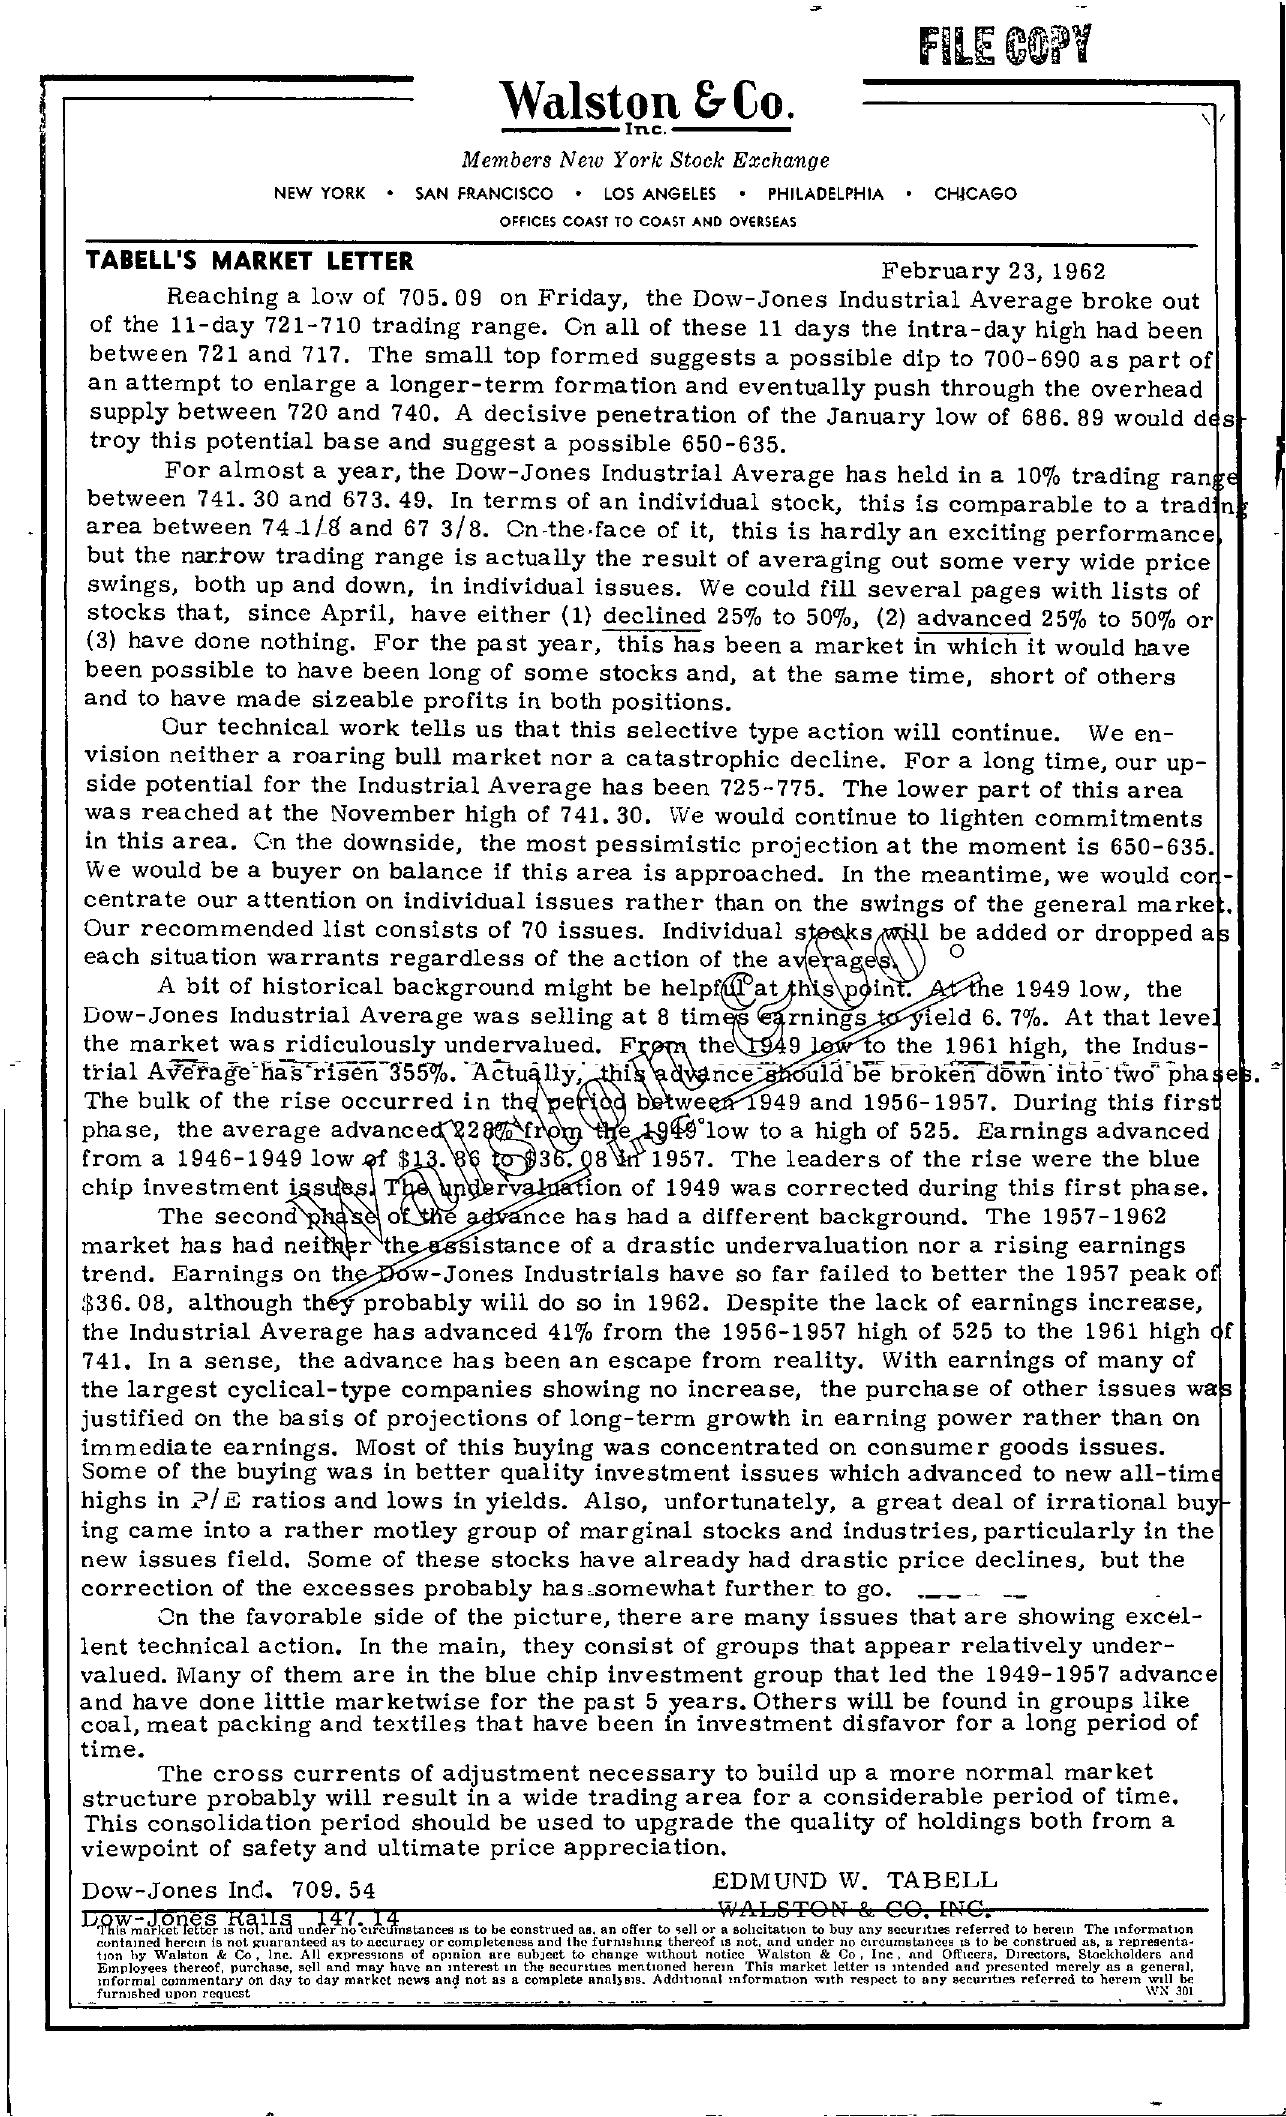 Tabell's Market Letter - February 23, 1962